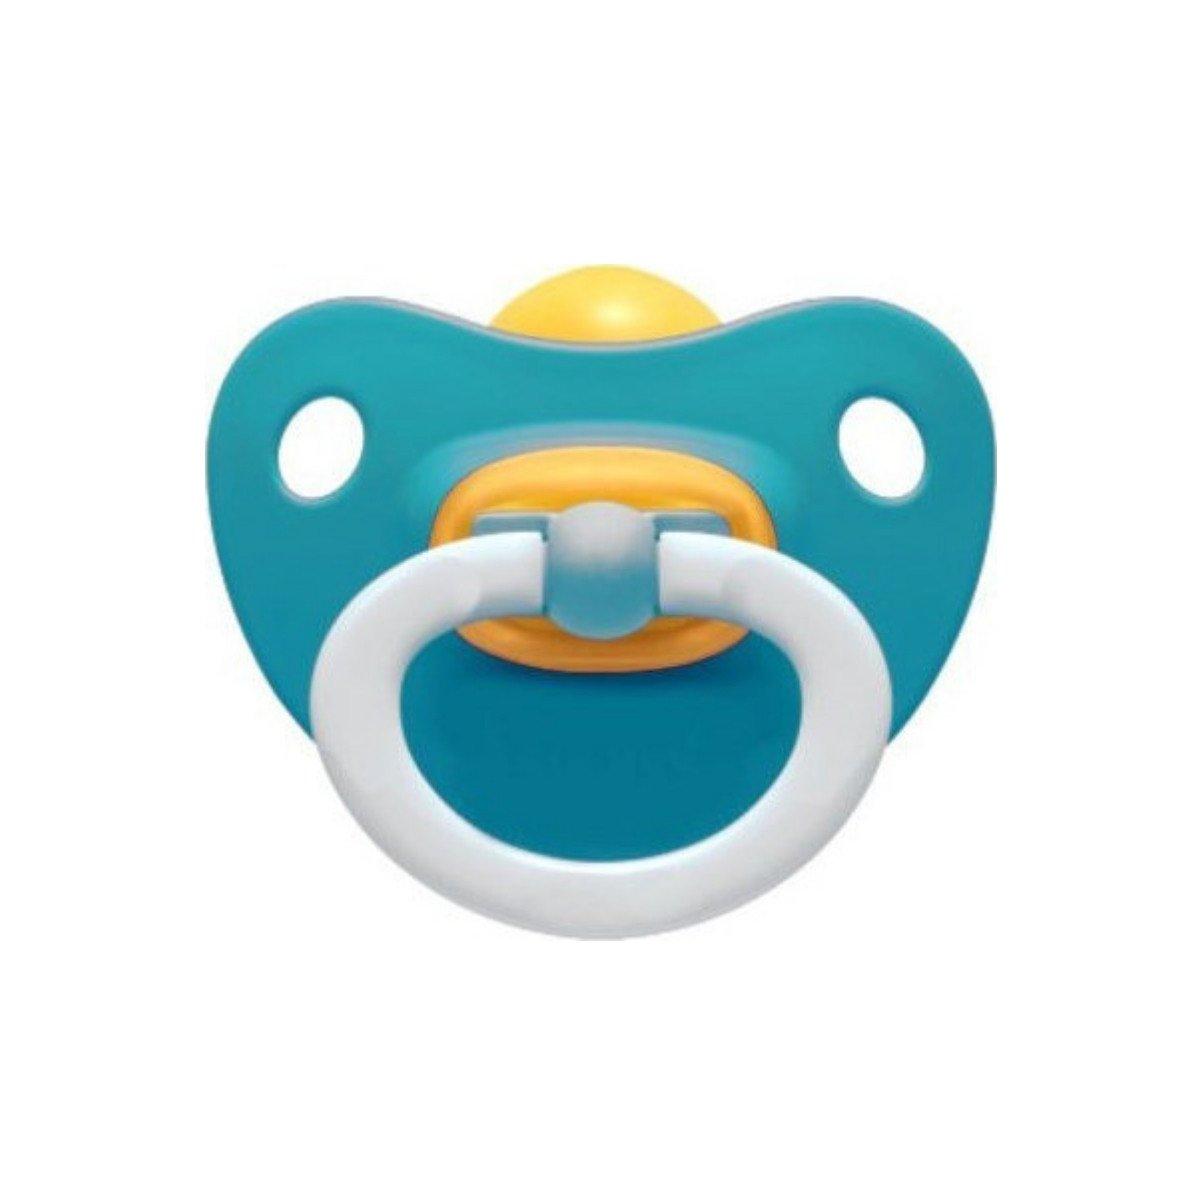 Nuk Classic Soft Πιπίλα Καουτσούκ 1 Τεμάχιο – 6-18 Μηνών Μπλε